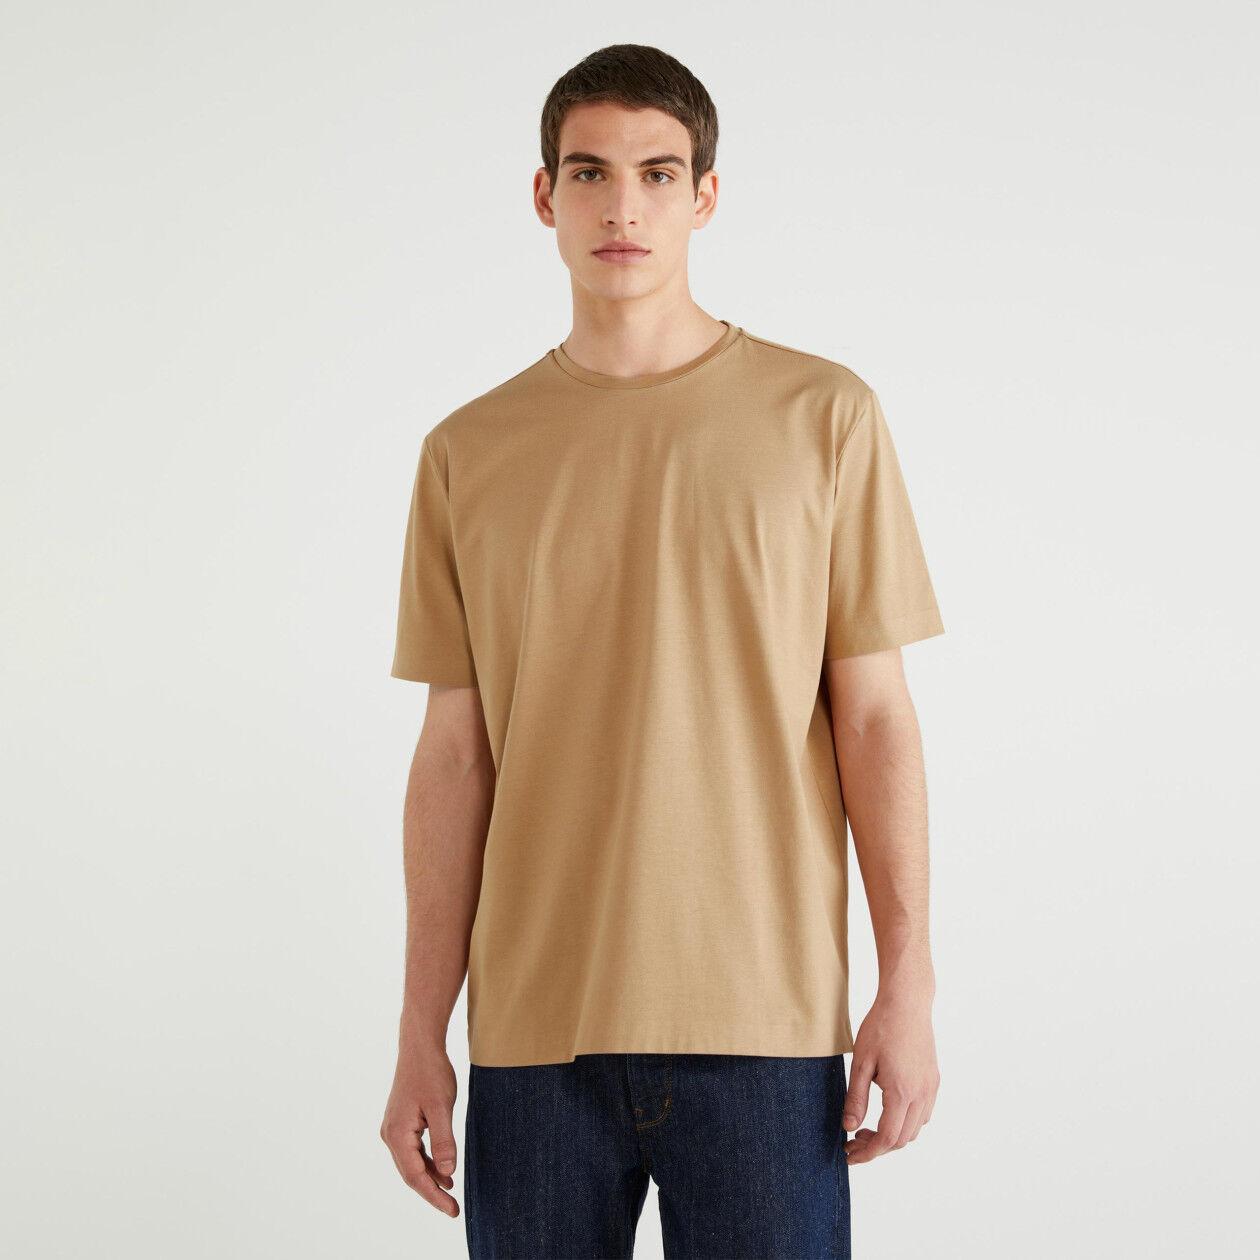 T-shirt manica corta 100% cotone